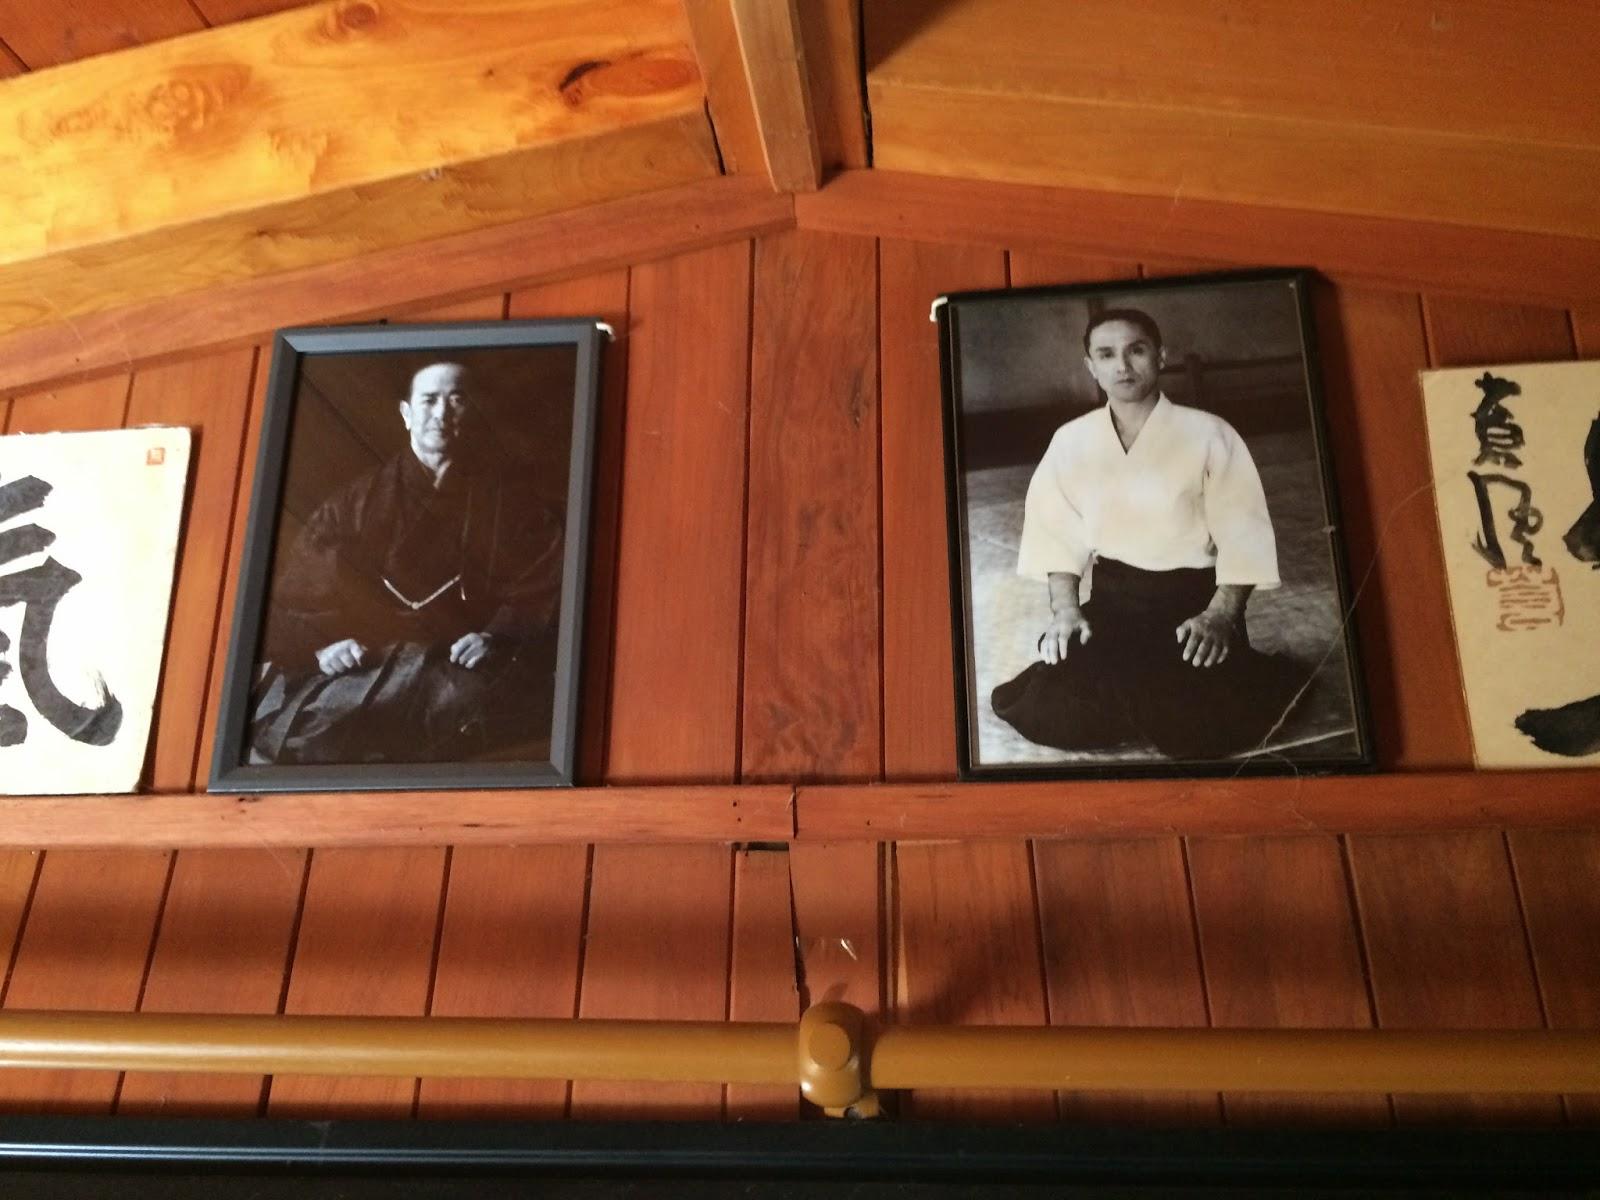 Koichi Tohei & Gozo Shioda Aikido Masters